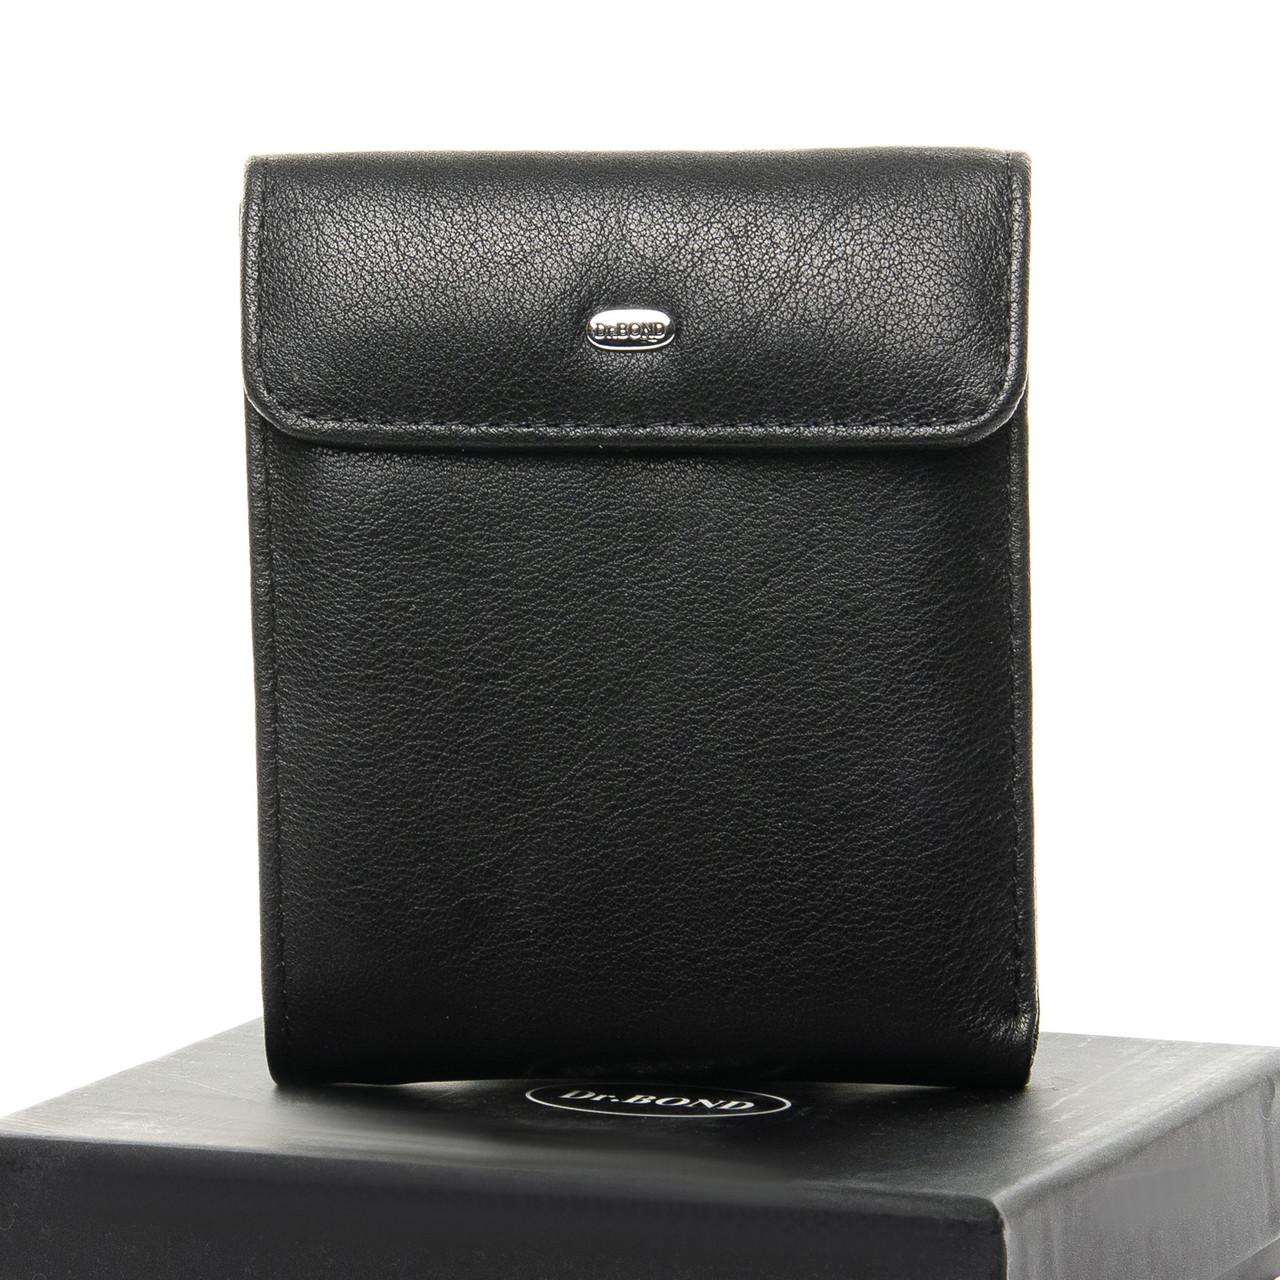 Мужской кошелек Classic кожа DR. BOND M55 черный